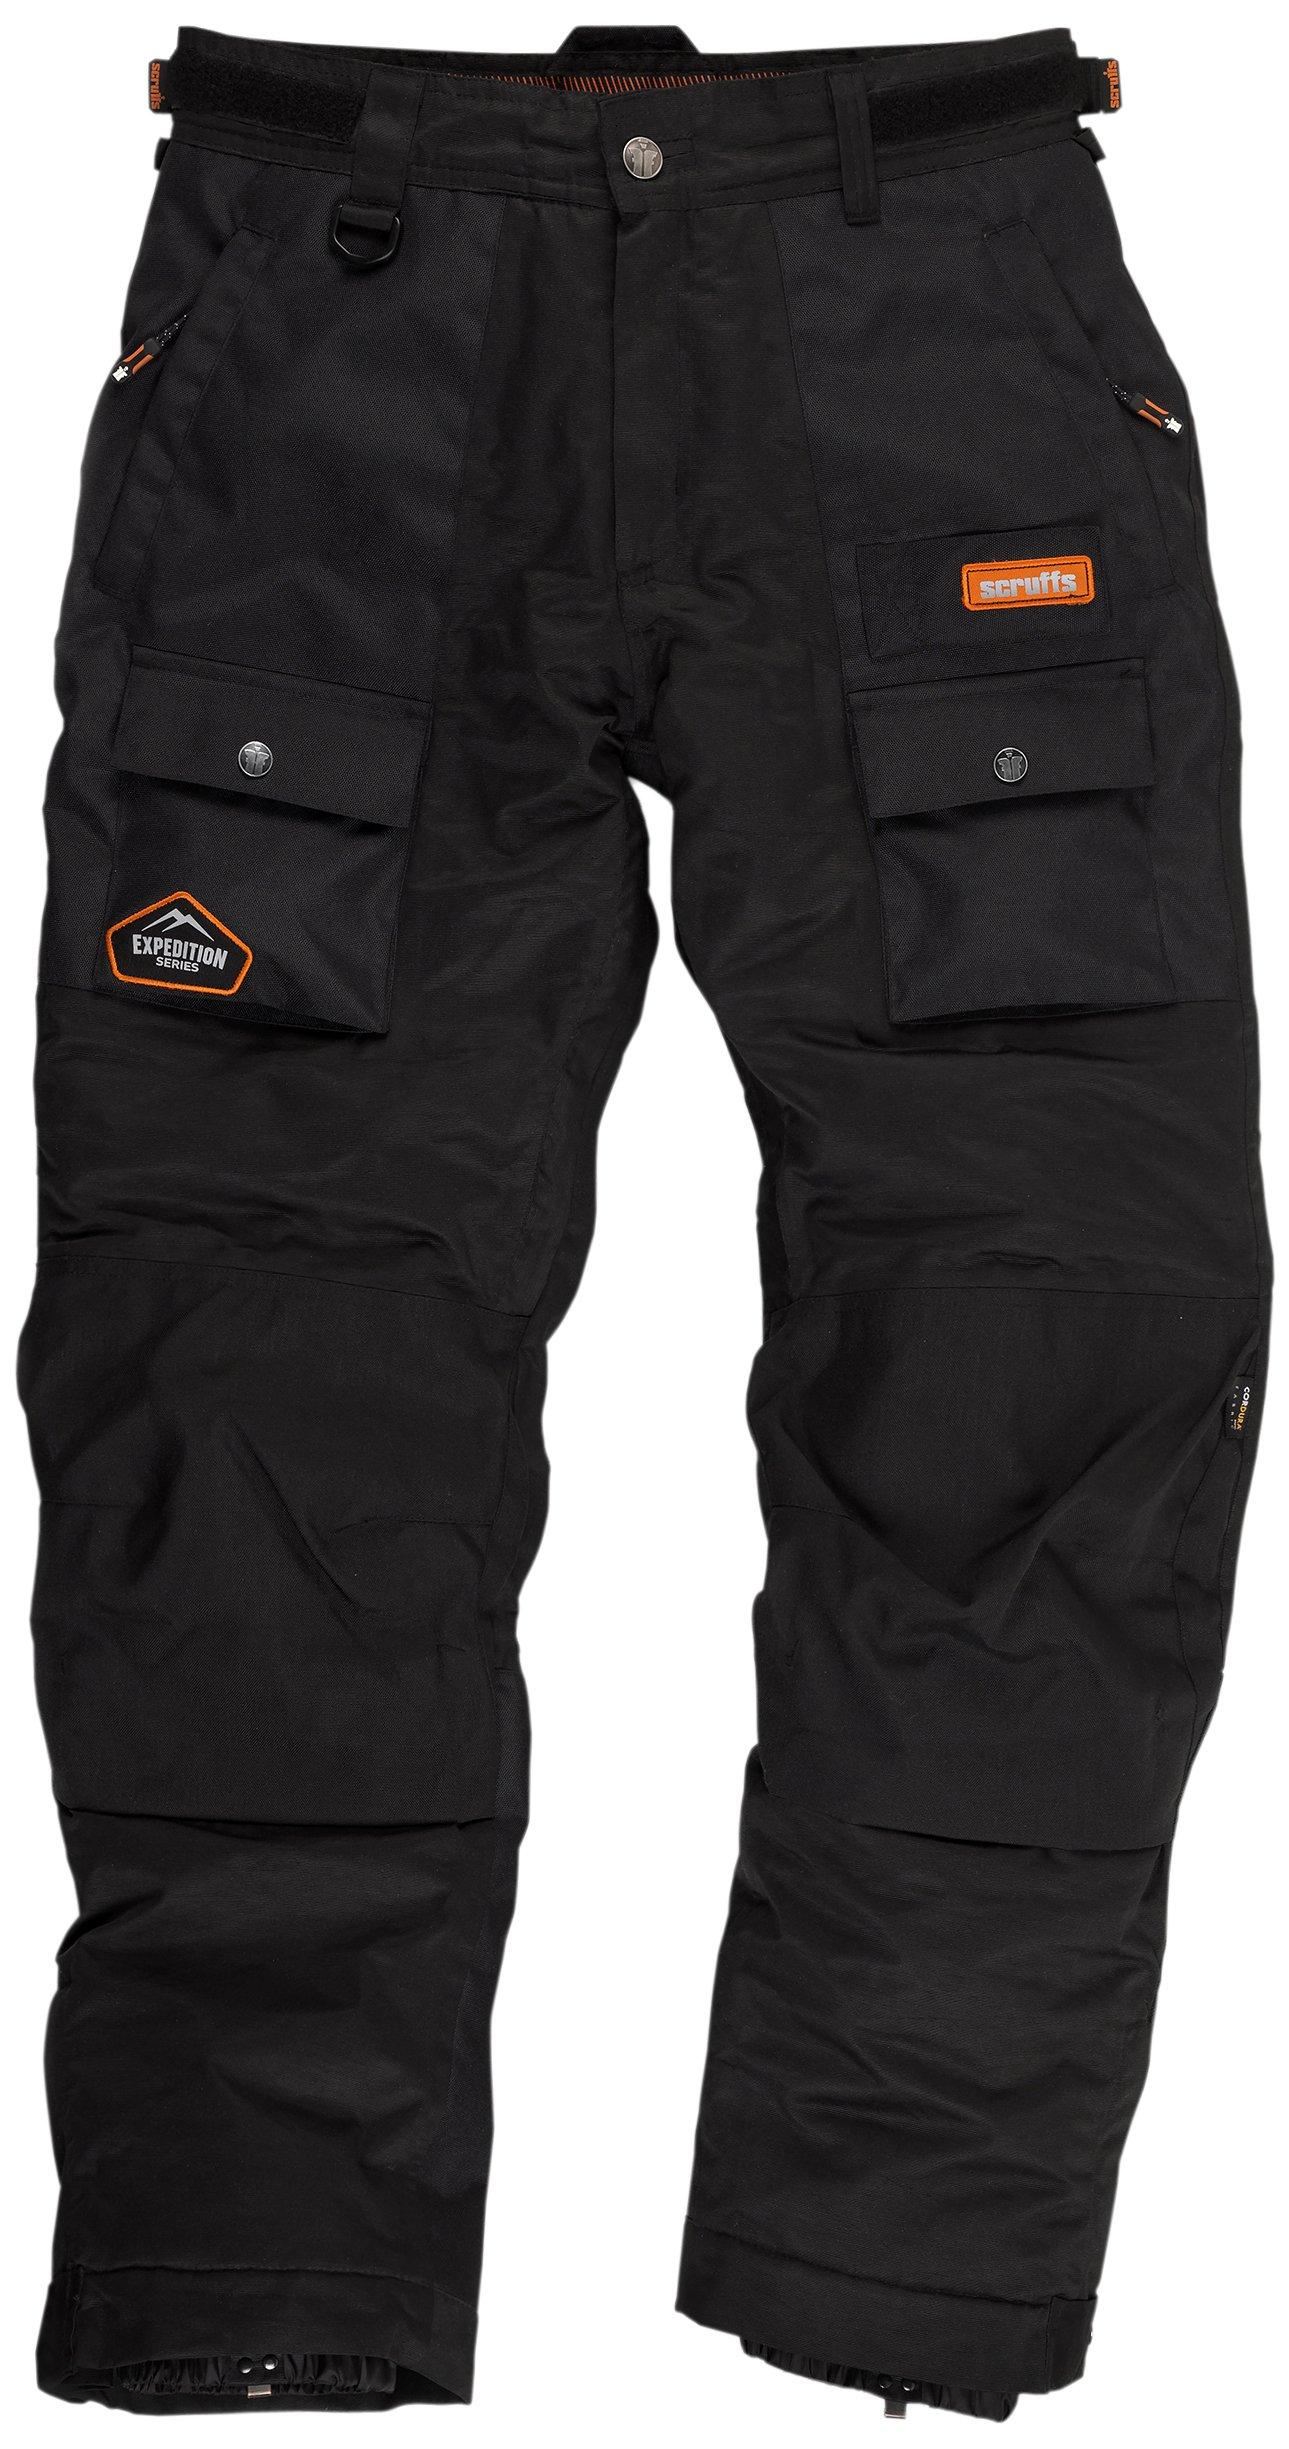 Scruffs Expediton - Pantaloni termici da uomo, impermeabile, traspiranti, con finiture 3M, nero (ne